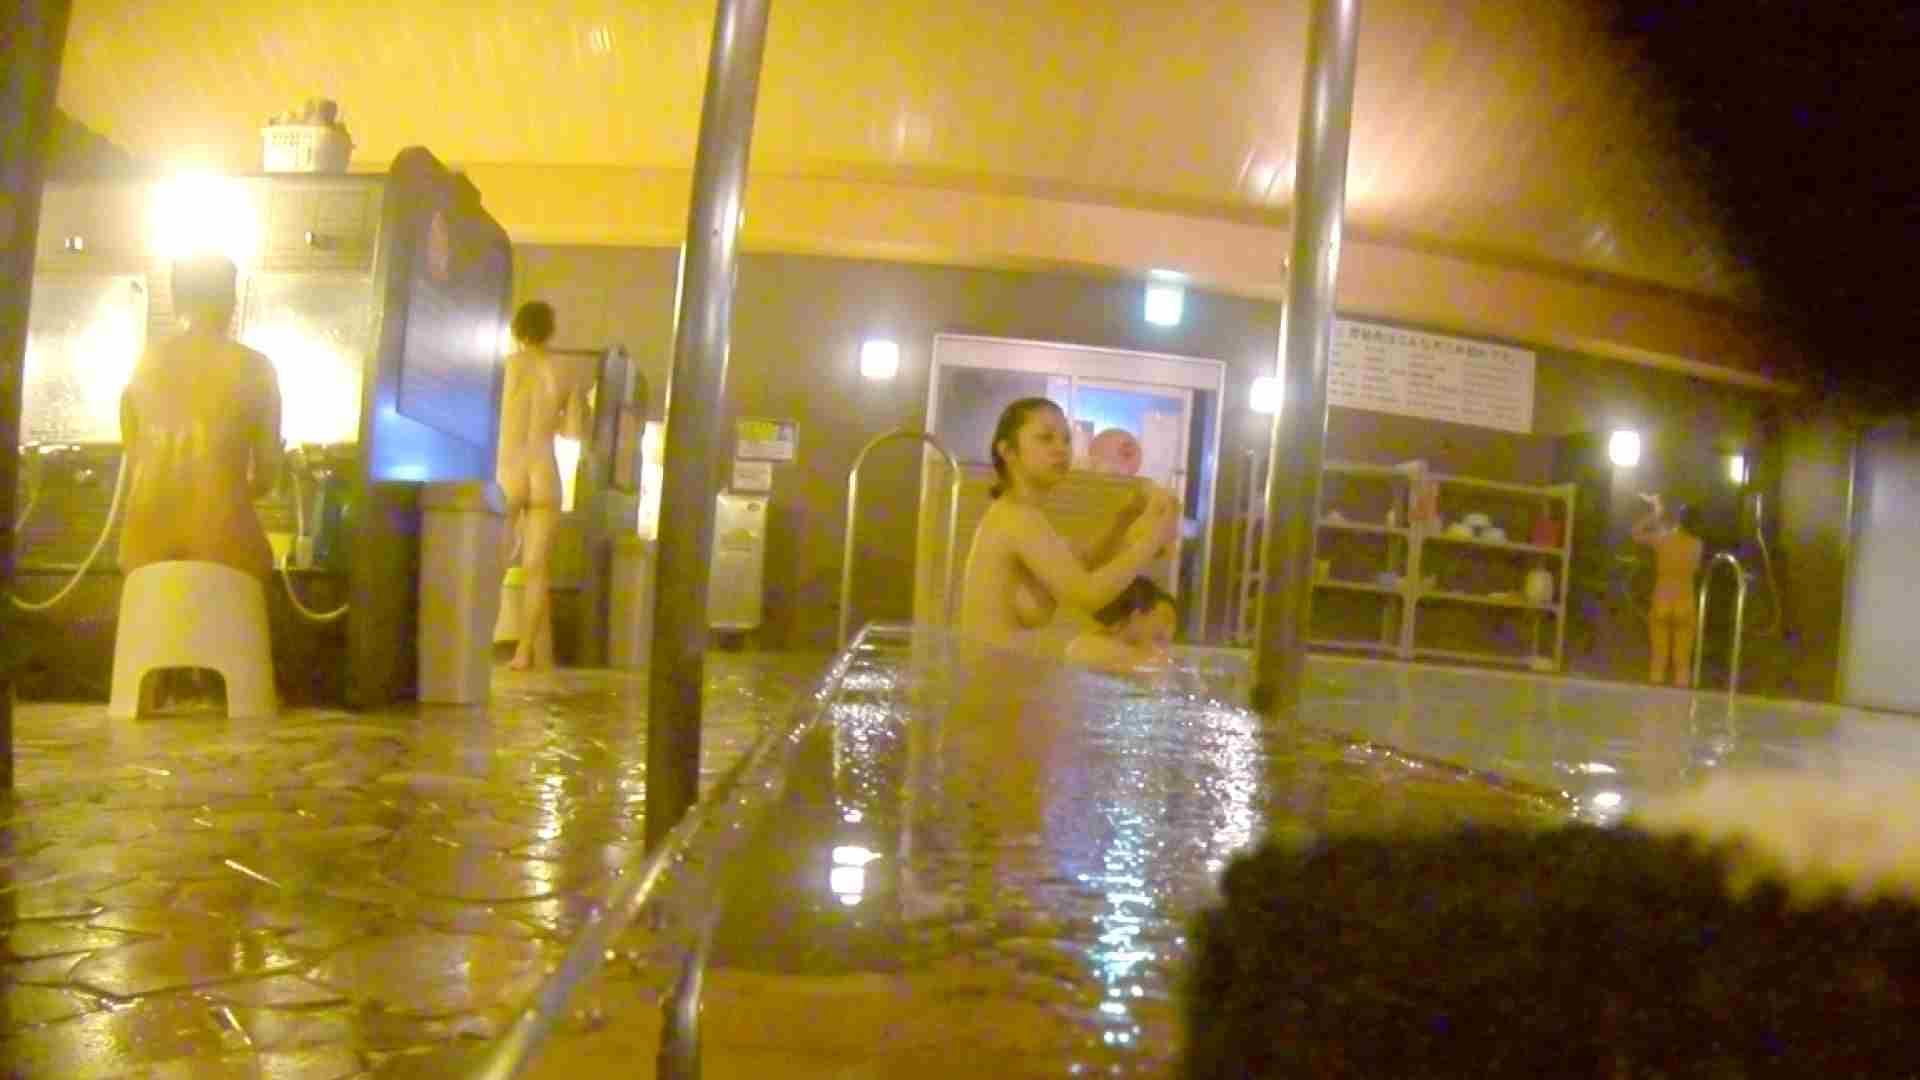 洗い場!形、大きさ、柔らかさ全てが合格点の触りたくなるオッパイ。 銭湯   潜入エロ調査  41連発